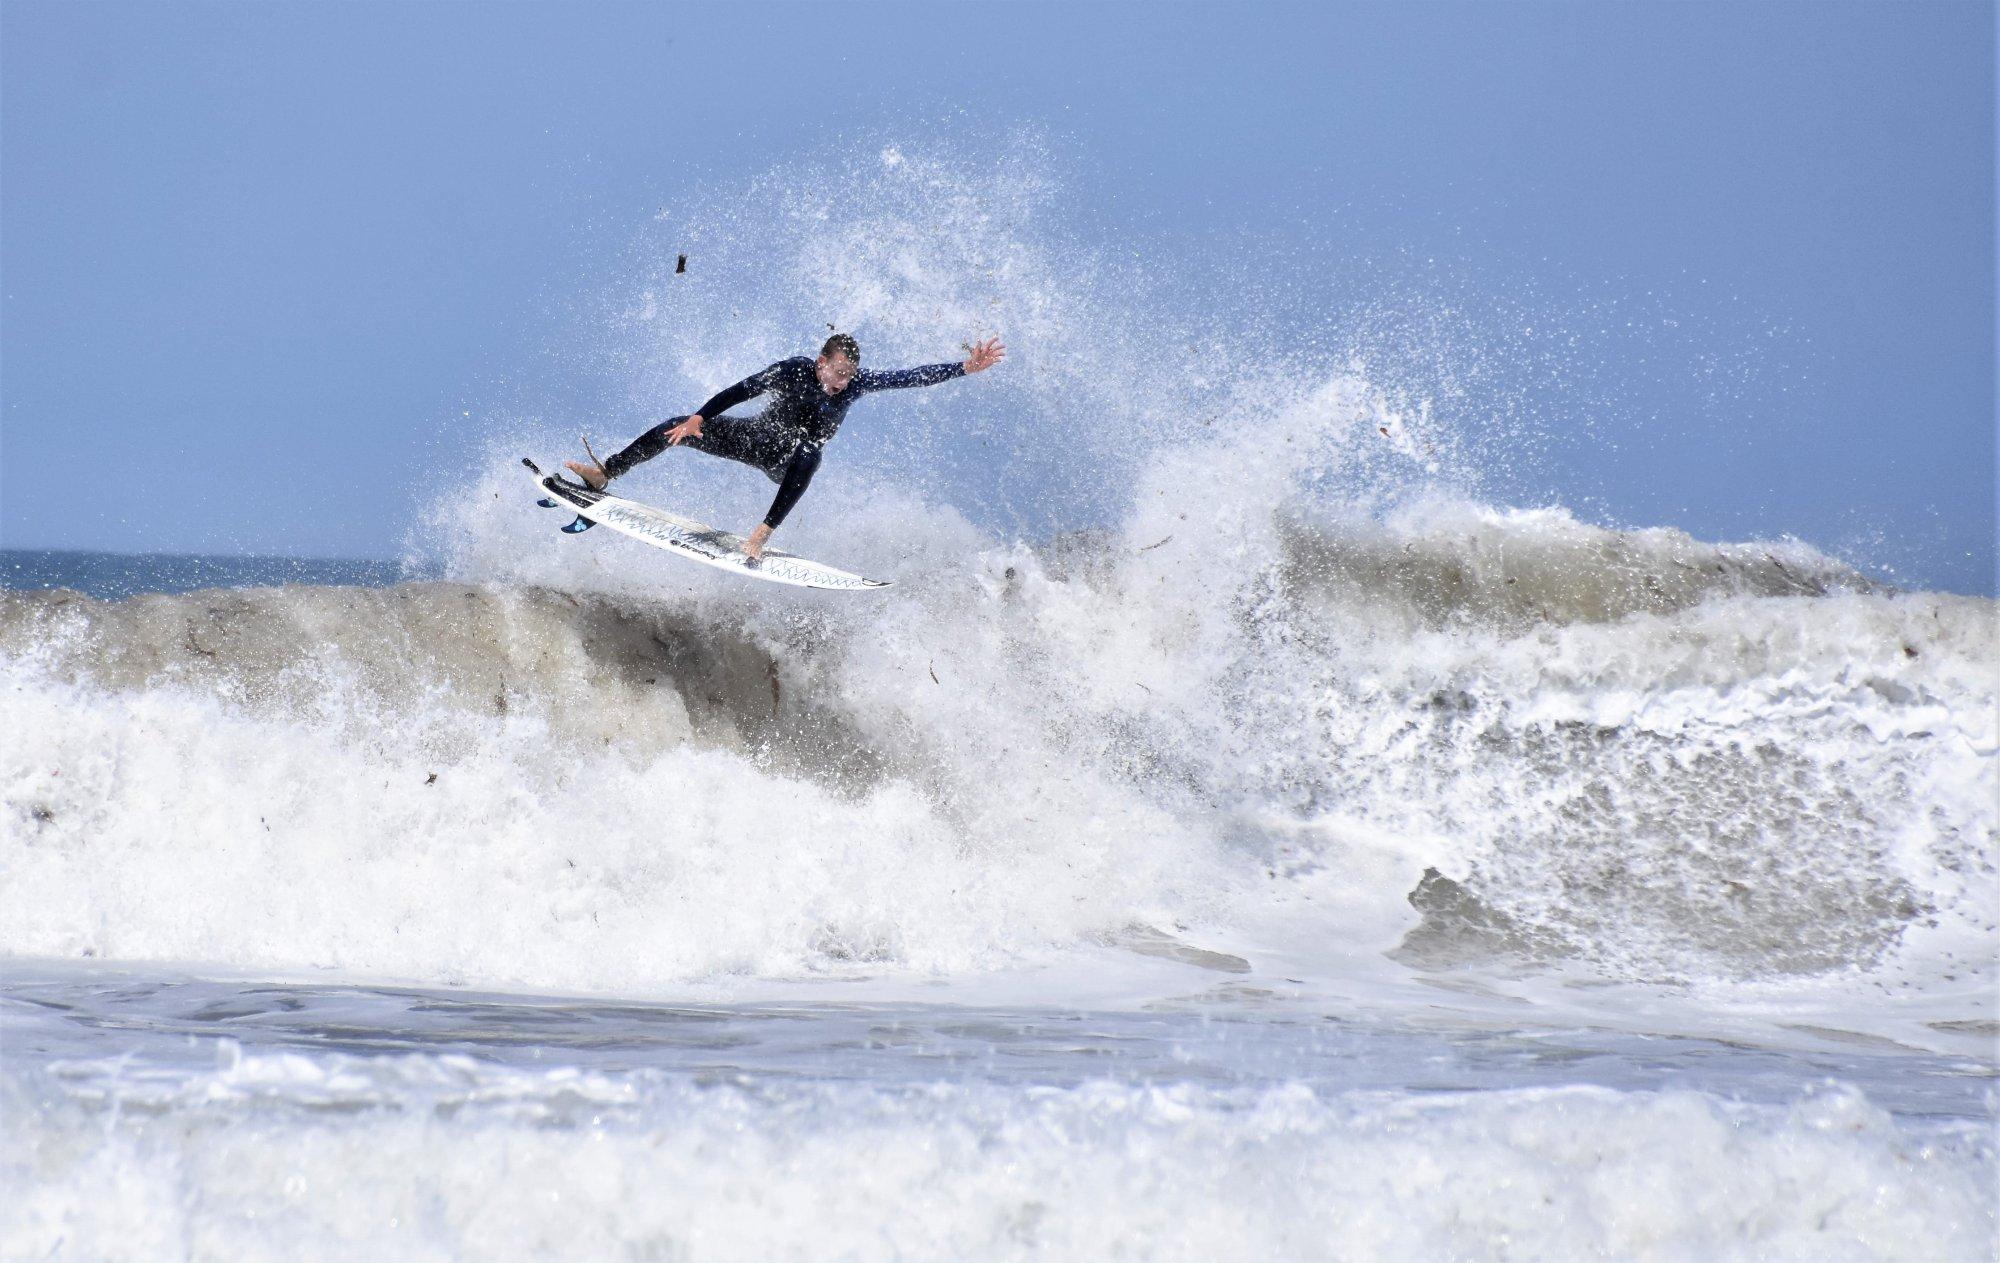 Surfer air